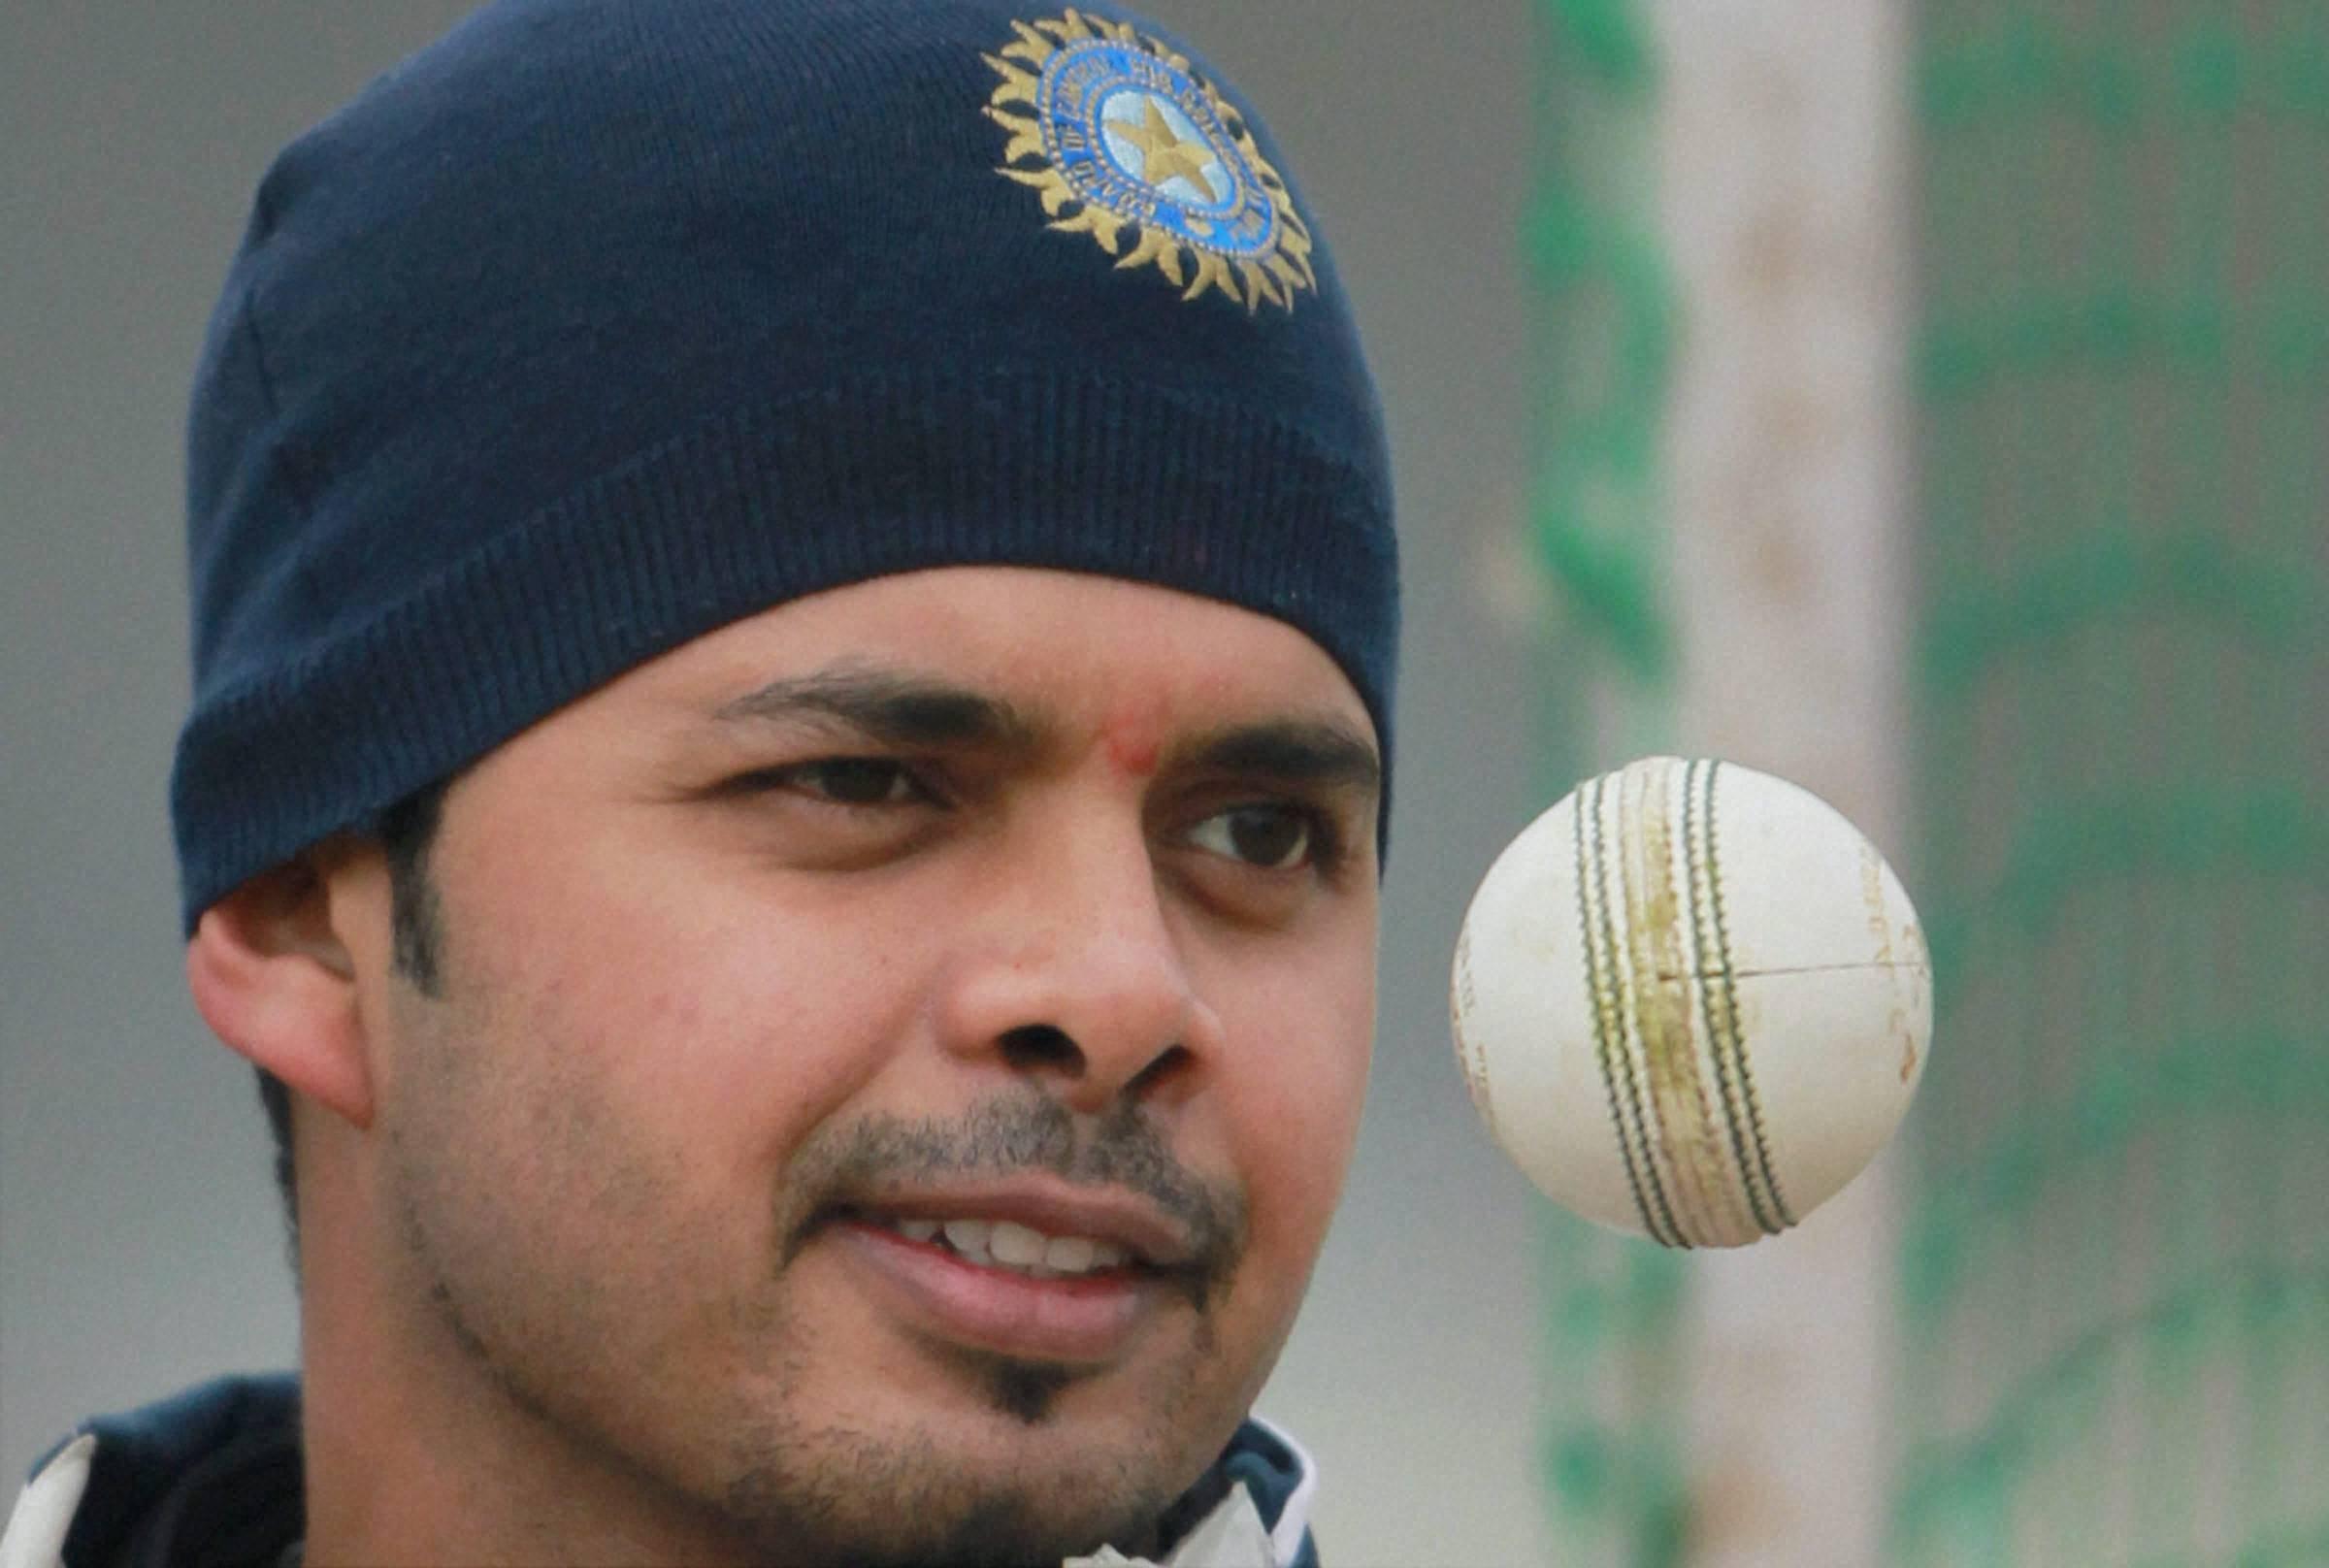 श्रीसंत के प्रसंशको के लिए खुशखबरी, केरल क्रिकेट संघ श्रीसंत की वापसी को तैयार, बीसीसीआई भी जल्द दे सकती है मंजूरी 3